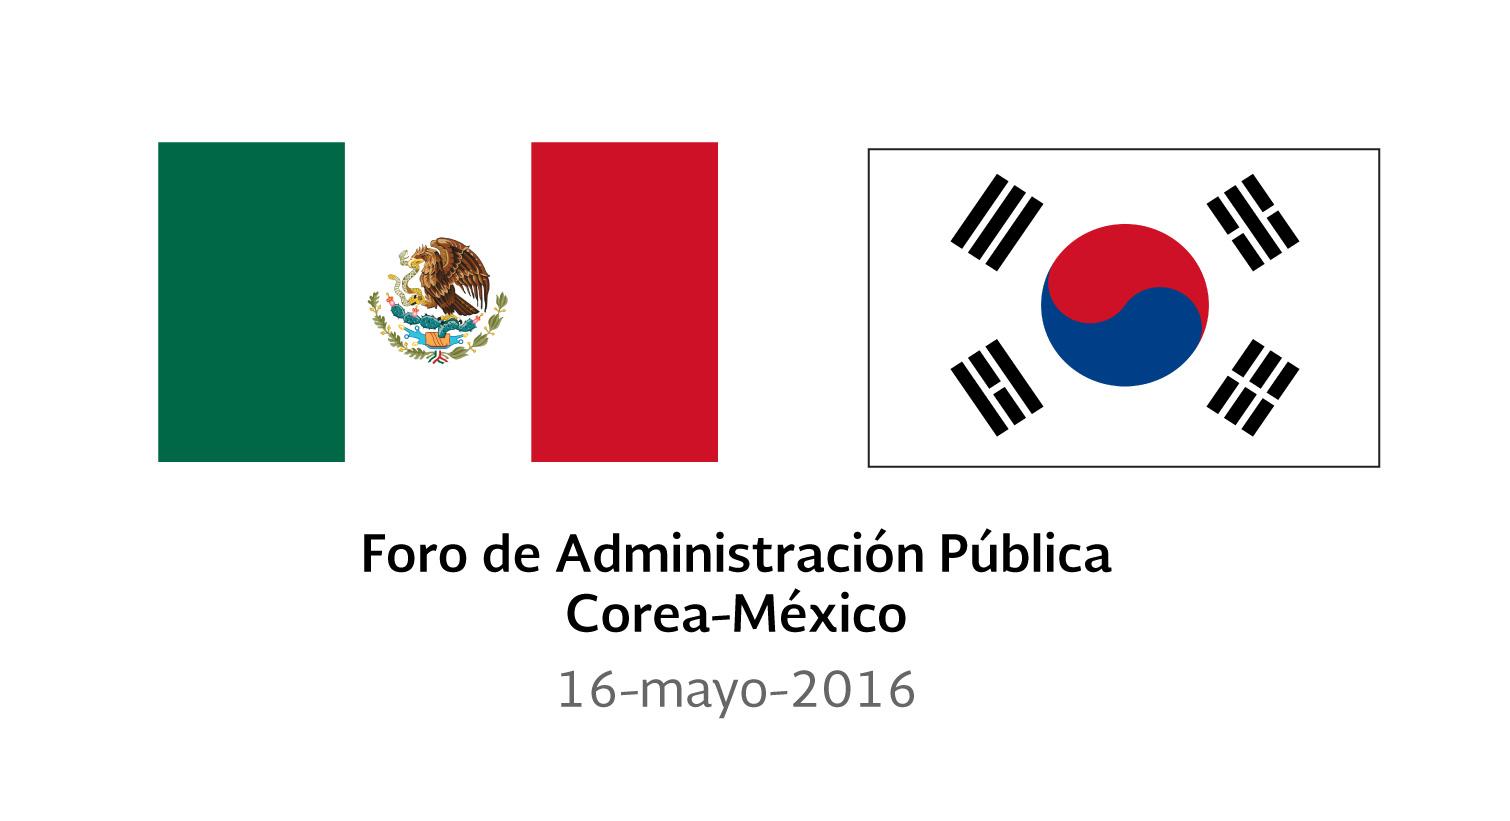 Banderas de México y República de Corea, y el texto Foro de Administración Pública Corea-México 16 de mayo de 2016